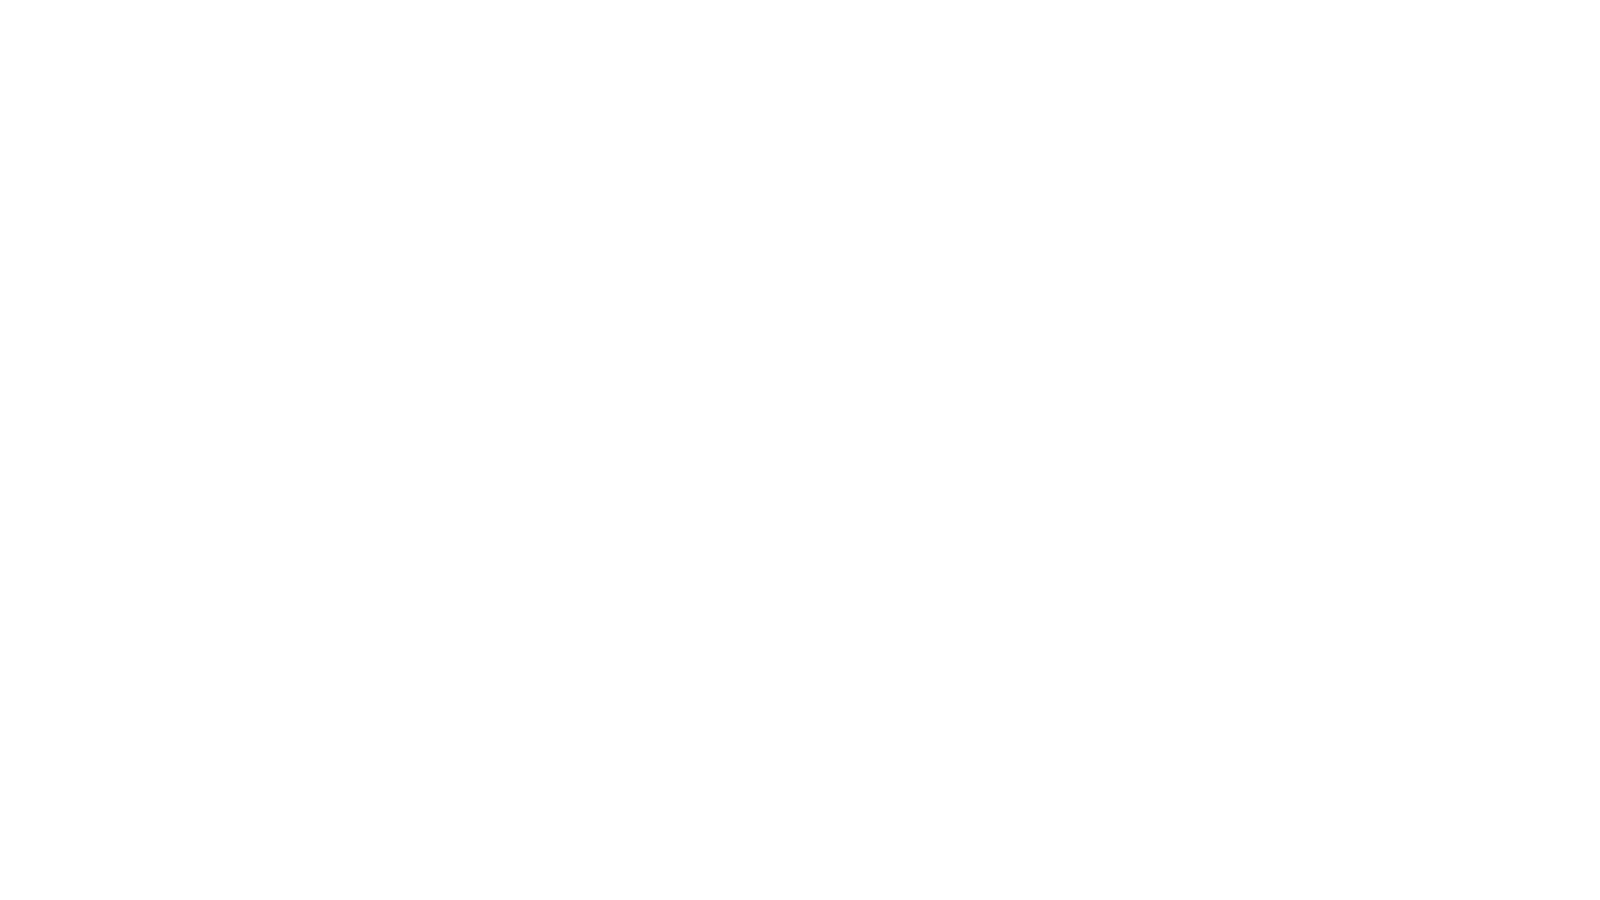 Concerto presso Cineteatro Gavazzeni di Seriate (BG) il 20/12/2007  Titolo: PICCOLA SUITE KLEZMER Autore: F.ARRIGONI  La Piccola Suite Klezmer è composta da tre  temi della tradizione Ebraica:  00:14 - 1. La Danza delle Forbici è una danza caratteristica ispirata ad una delle professioni più diffuse tra gli ebrei dell'europa orientale: il sarto. Ballata a coppie, simboleggia l'ago infilato nella cruna 02:06 - 2. La Honga Rumena è una delle forme tipiche della canzone Klezmer 05:50 - 3. La Danza Chassidica, una danza ballata in circolo dal chiaro impulso binario  Buon Ascolto🎶🎶🎶  #BMCS #MusicaKlezmer #Danze  Rimani in contatto con noi sui nostri Social per non perderti i nostri prossimi eventi!!! 🔵Facebook: https://www.facebook.com/BMCSeriate 🟠Instagram: https://www.instagram.com/bmcseriate/ 💬Telegram: https://t.me/BMCSeriate 🌐Sito: https://www.bandaseriate.it 📧Mail: info@bandaseriate.it